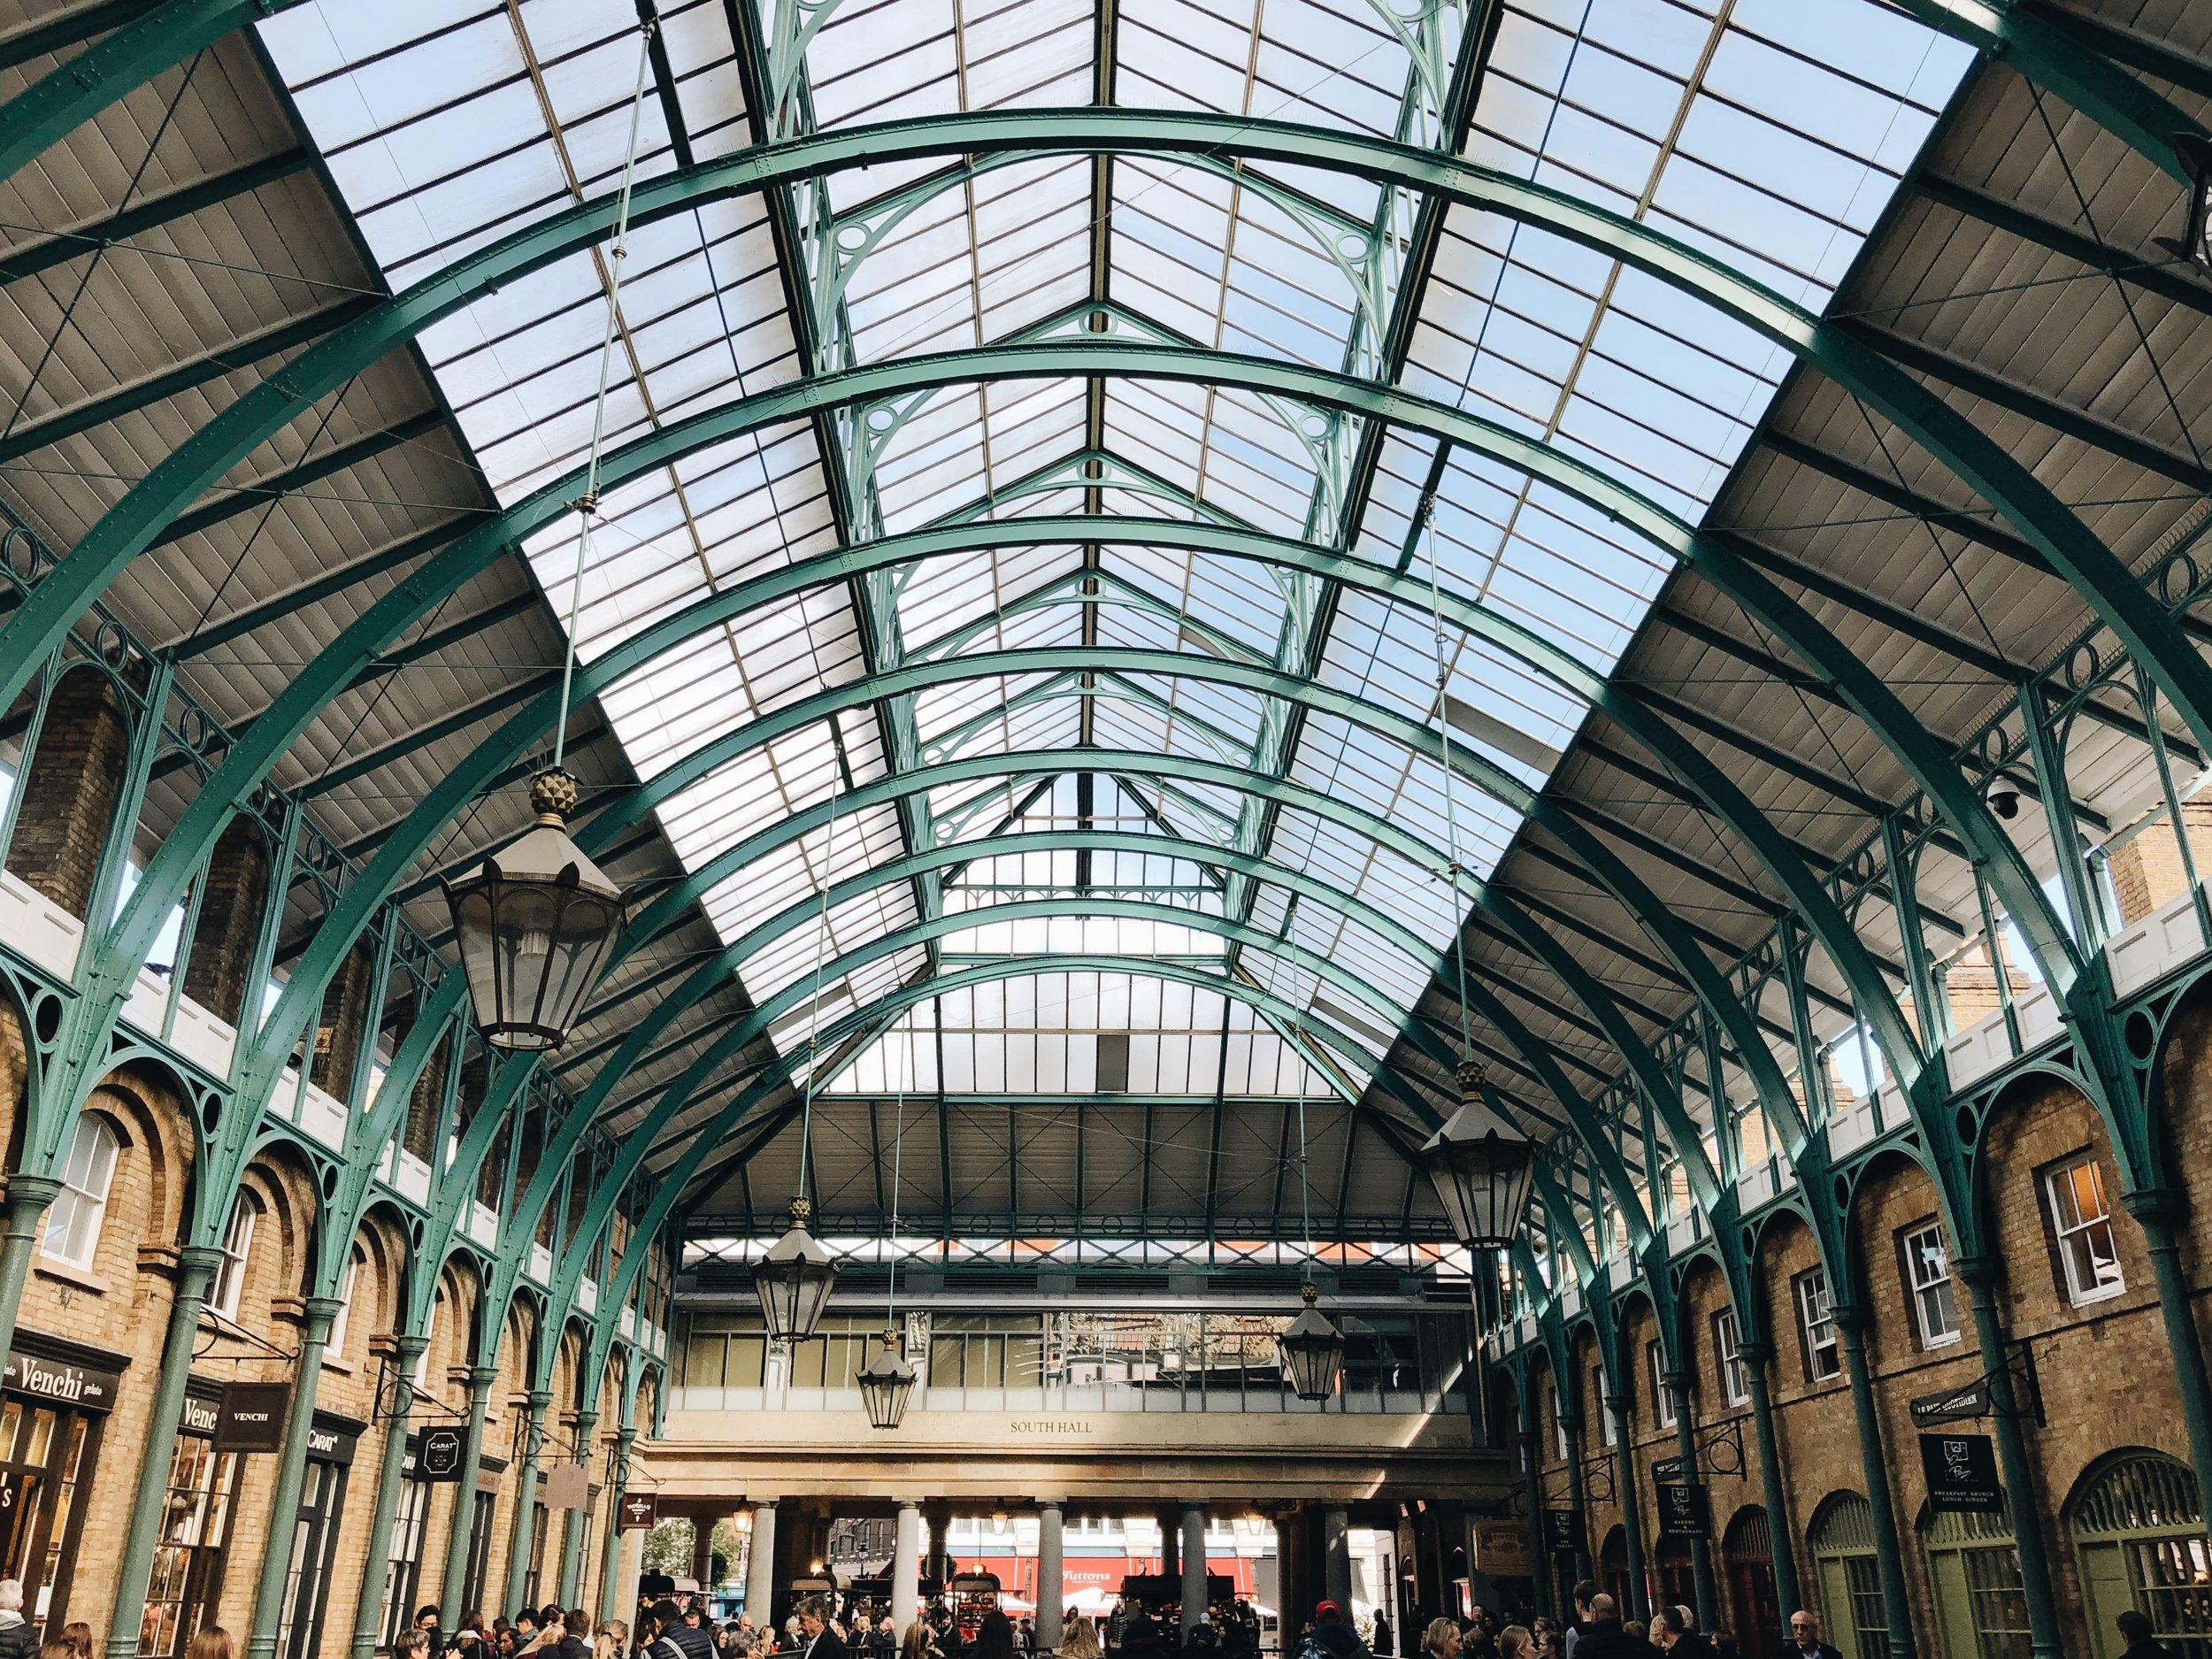 halles-covent-garden-market-london.JPG